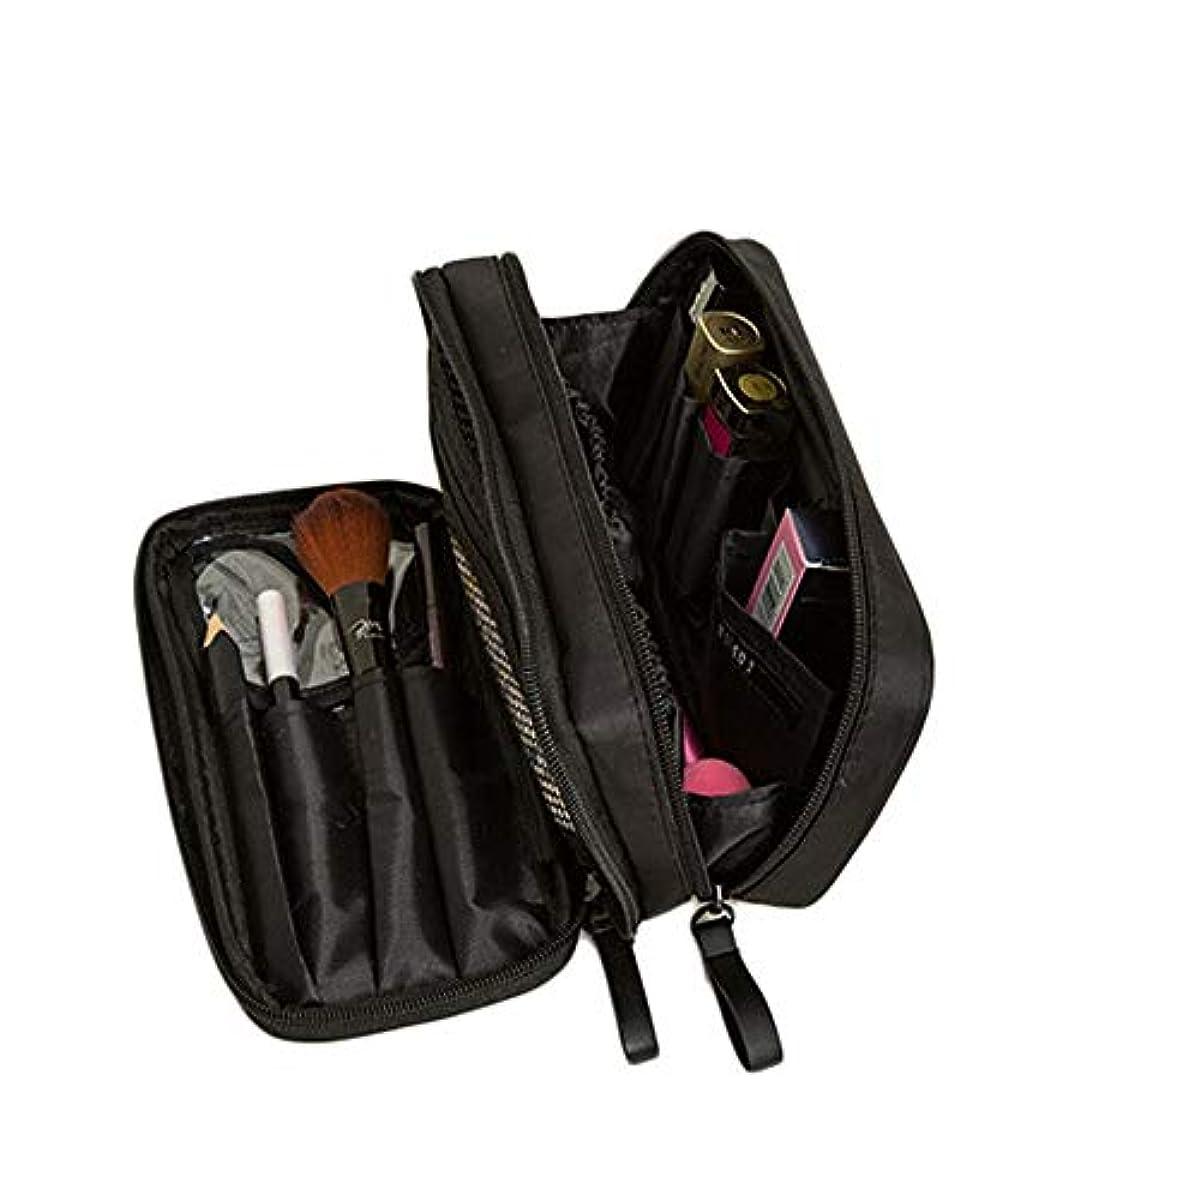 固有の本密特大スペース収納ビューティーボックス 携帯用化粧品袋、専門の化粧品袋の札入れの旅行者の密集した二重層化粧品/化粧品のブラシ袋の女性、旅行/電車セットの貯蔵袋。 化粧品化粧台 (色 : ブラック)